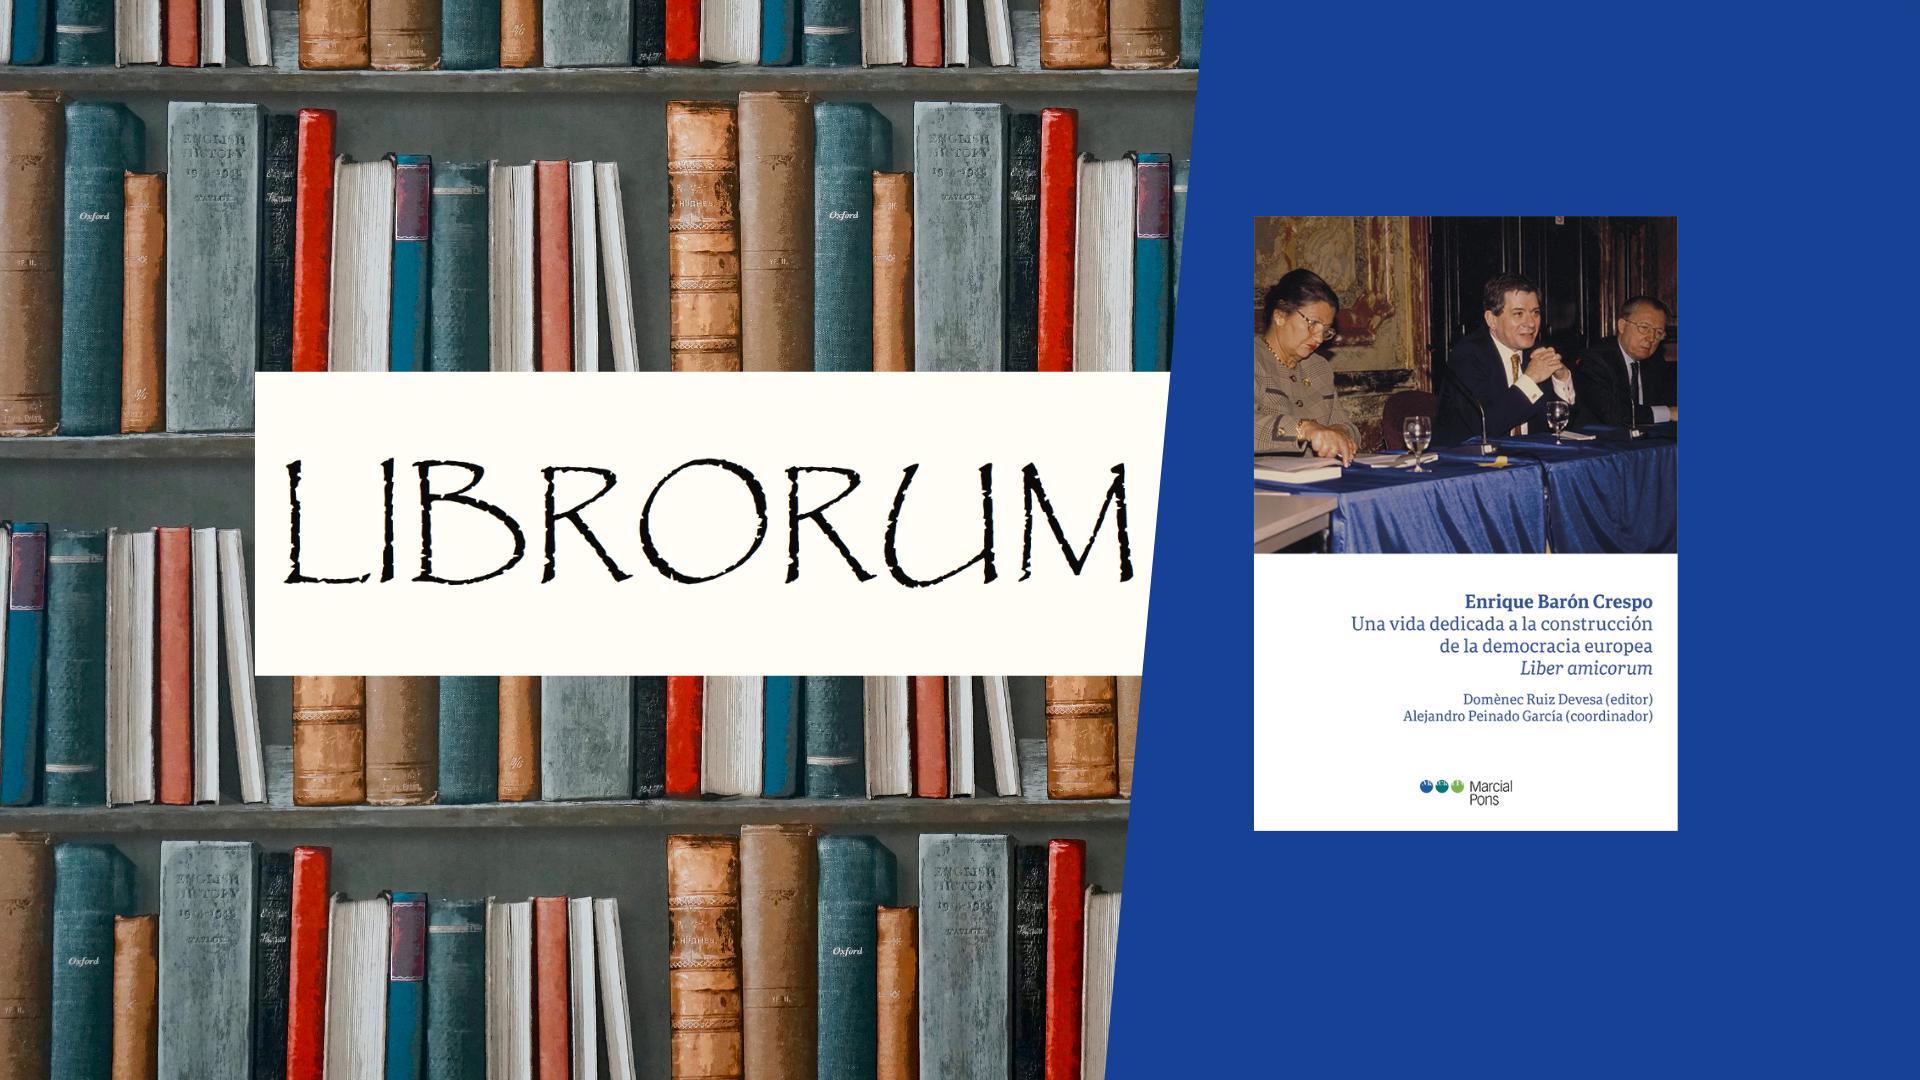 'Une vie consacrée à la construction de la démocratie européenne' (Liber amicorum) par Enrique Barón Crespo